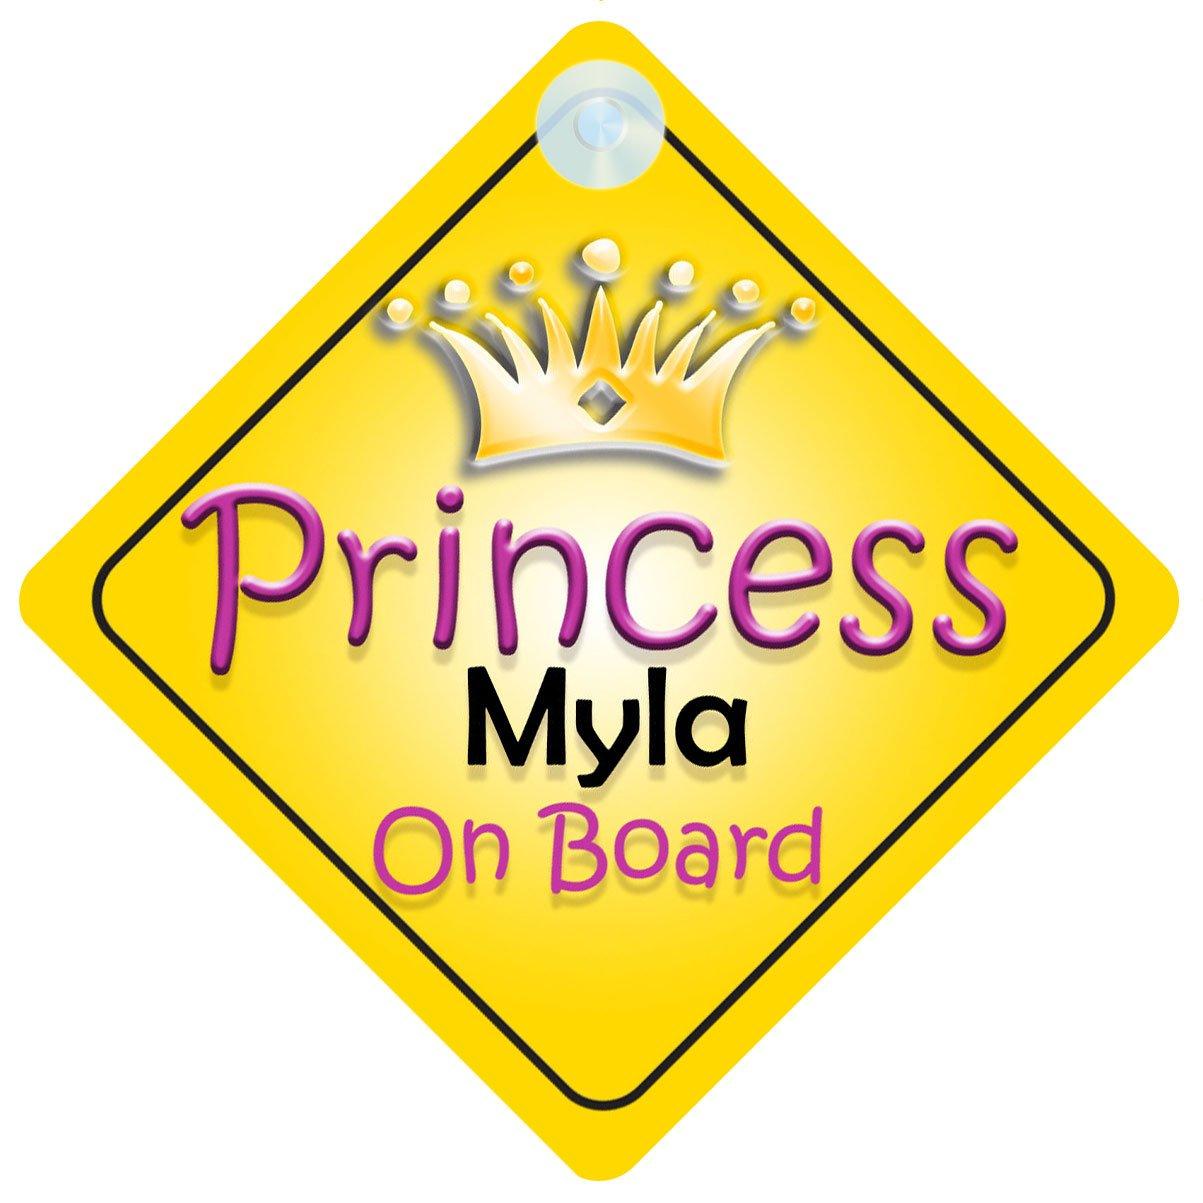 Princesse MYLA on Board Panneau Voiture Fille/Enfant Cadeau Bé bé /Cadeau 002 mybabyonboard UK